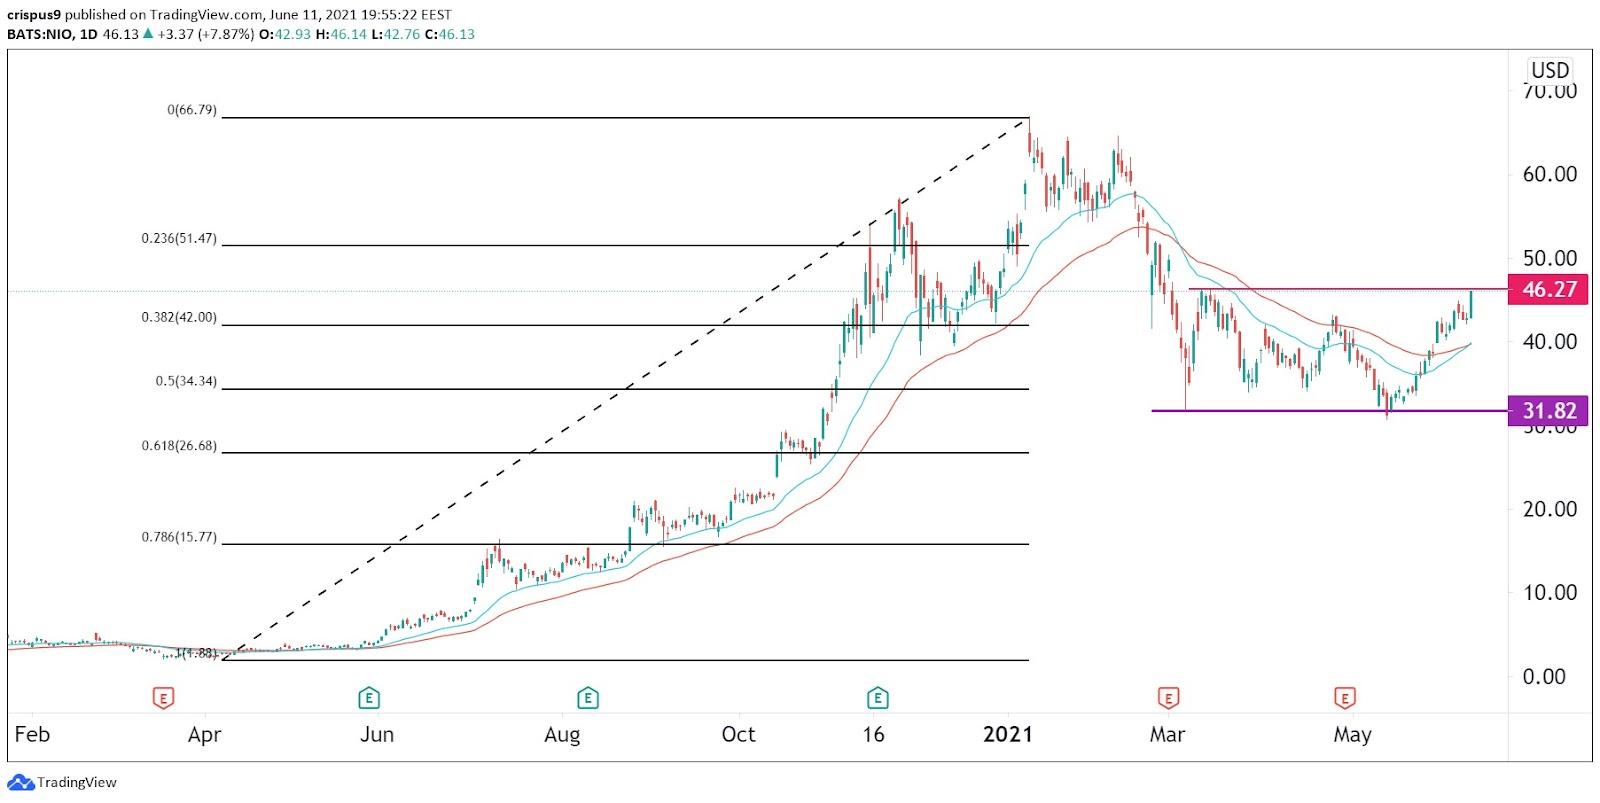 Nio stock price